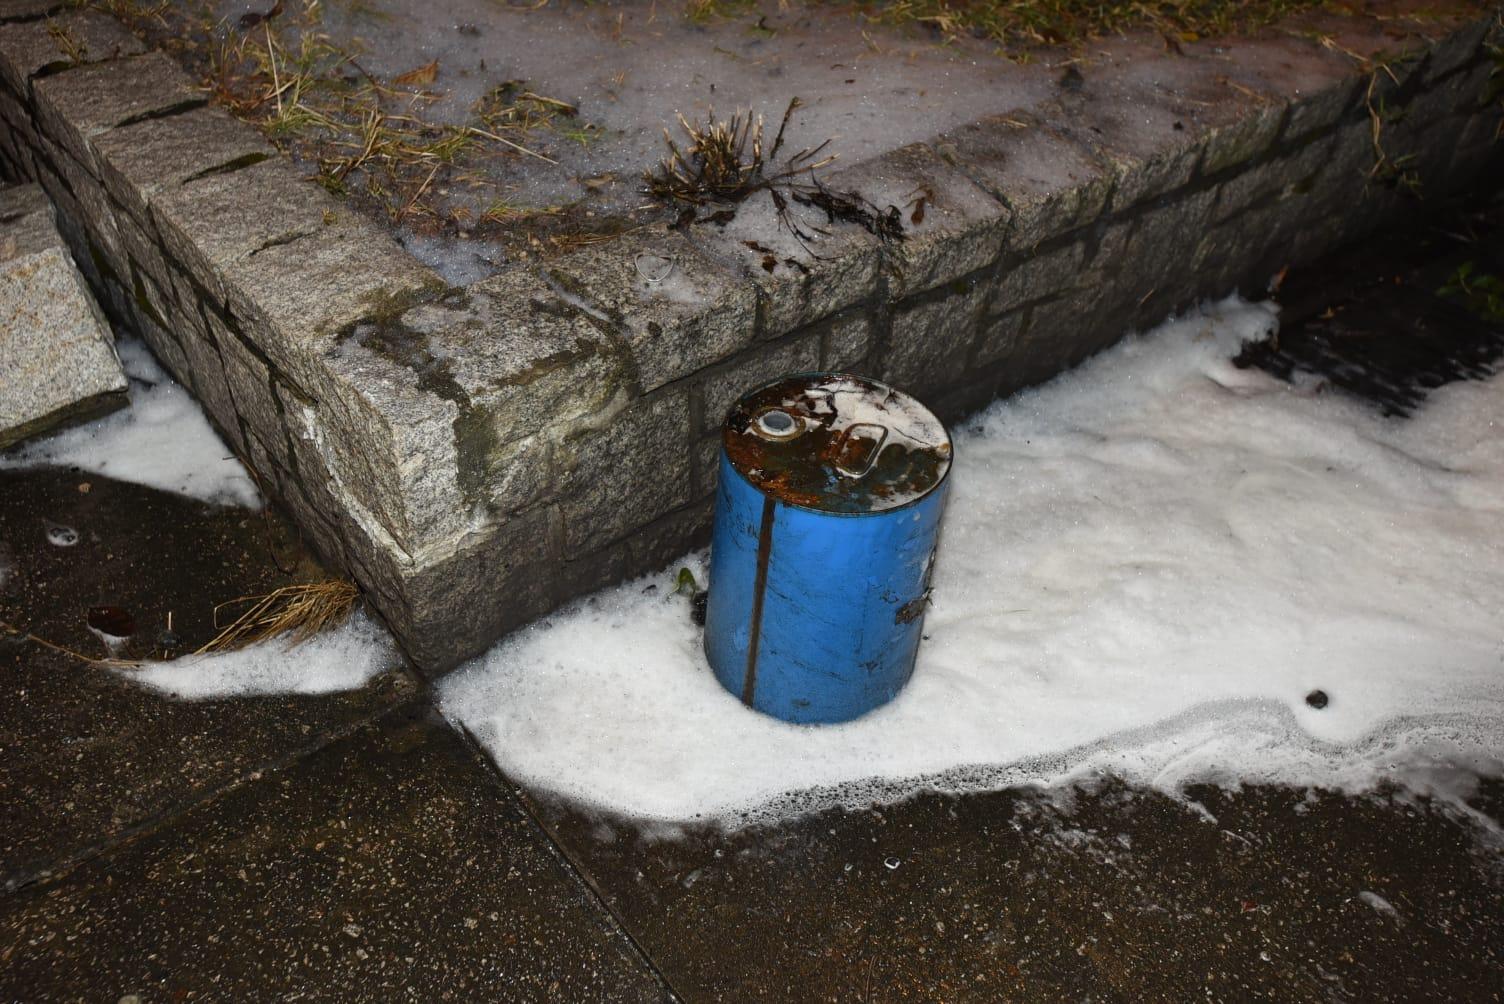 現場遺下一個電油桶。